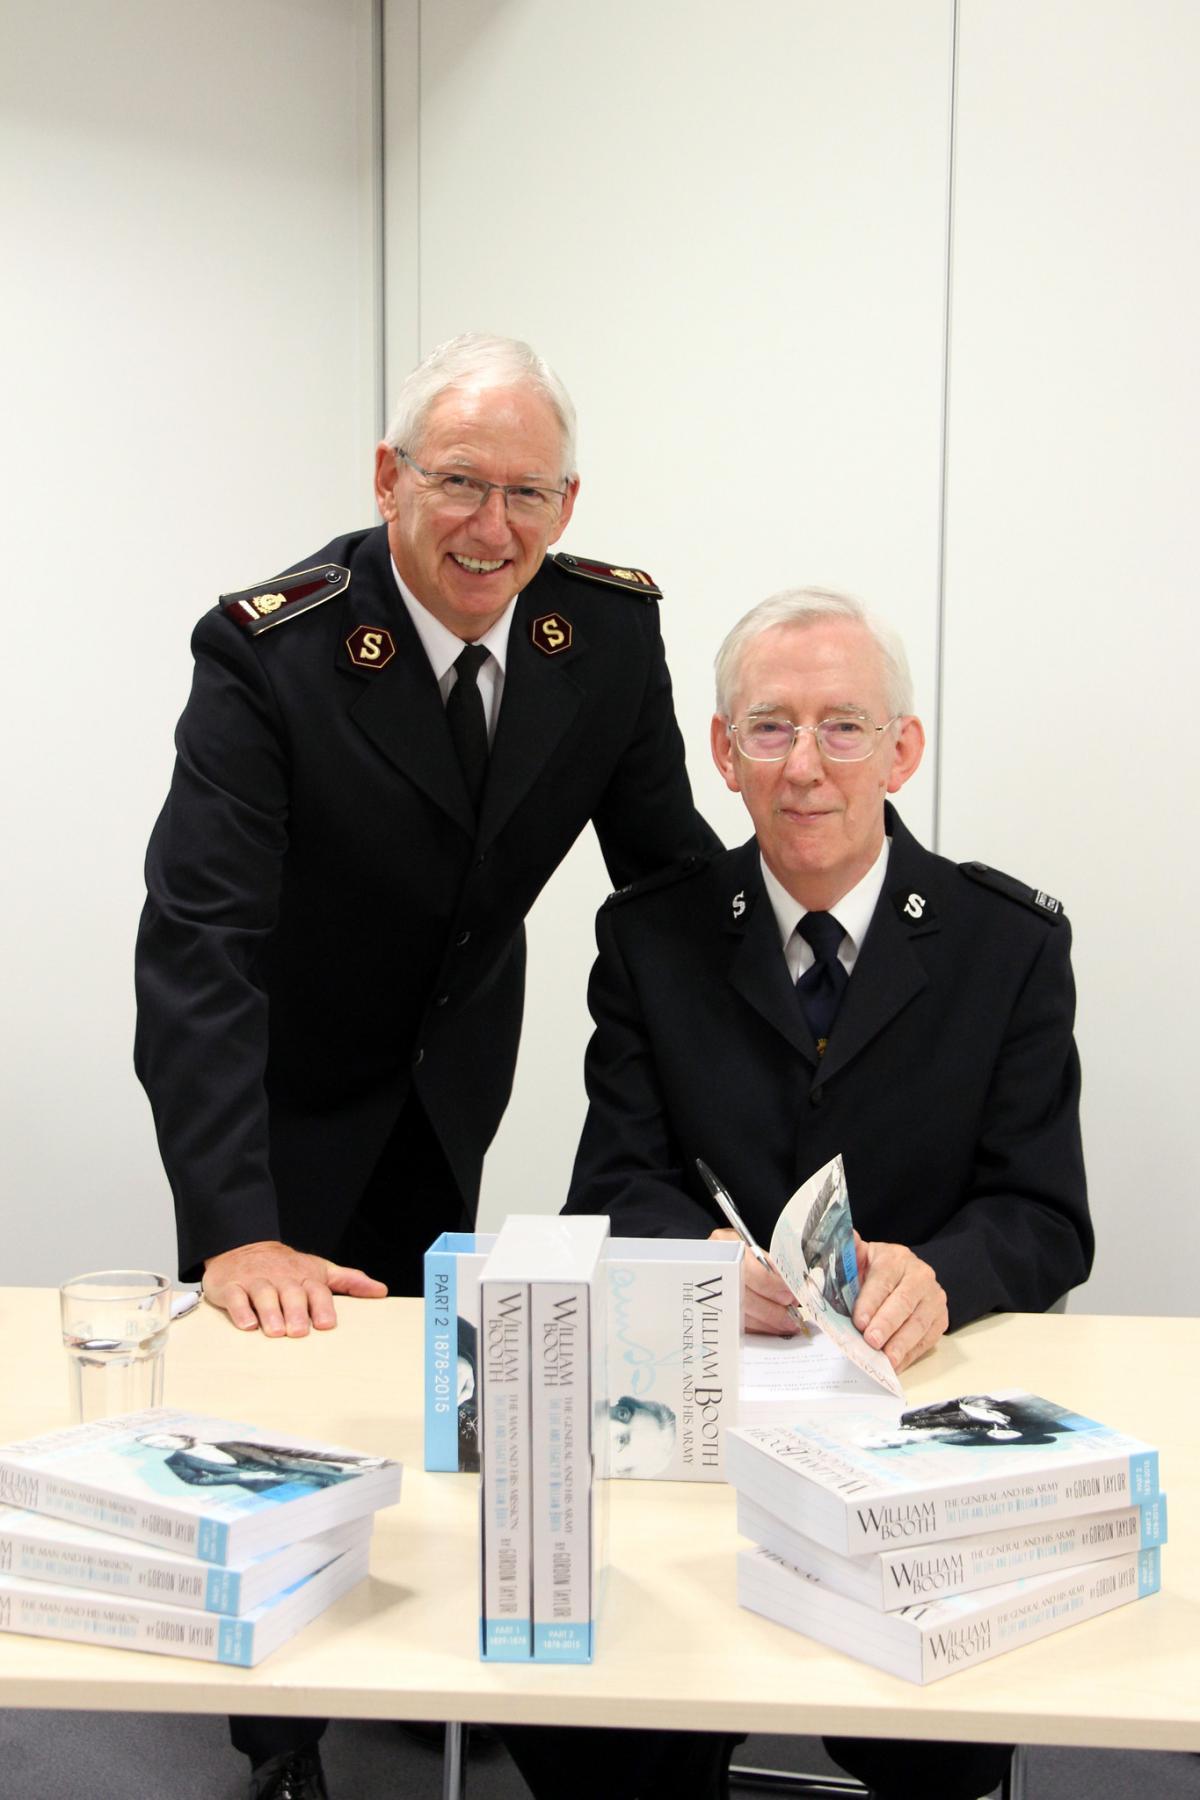 Le Général Brian Peddle (à gauche) avec Gordon Taylor, auteur de la nouvelle biographie du Fondateur de l'Armée du Salut